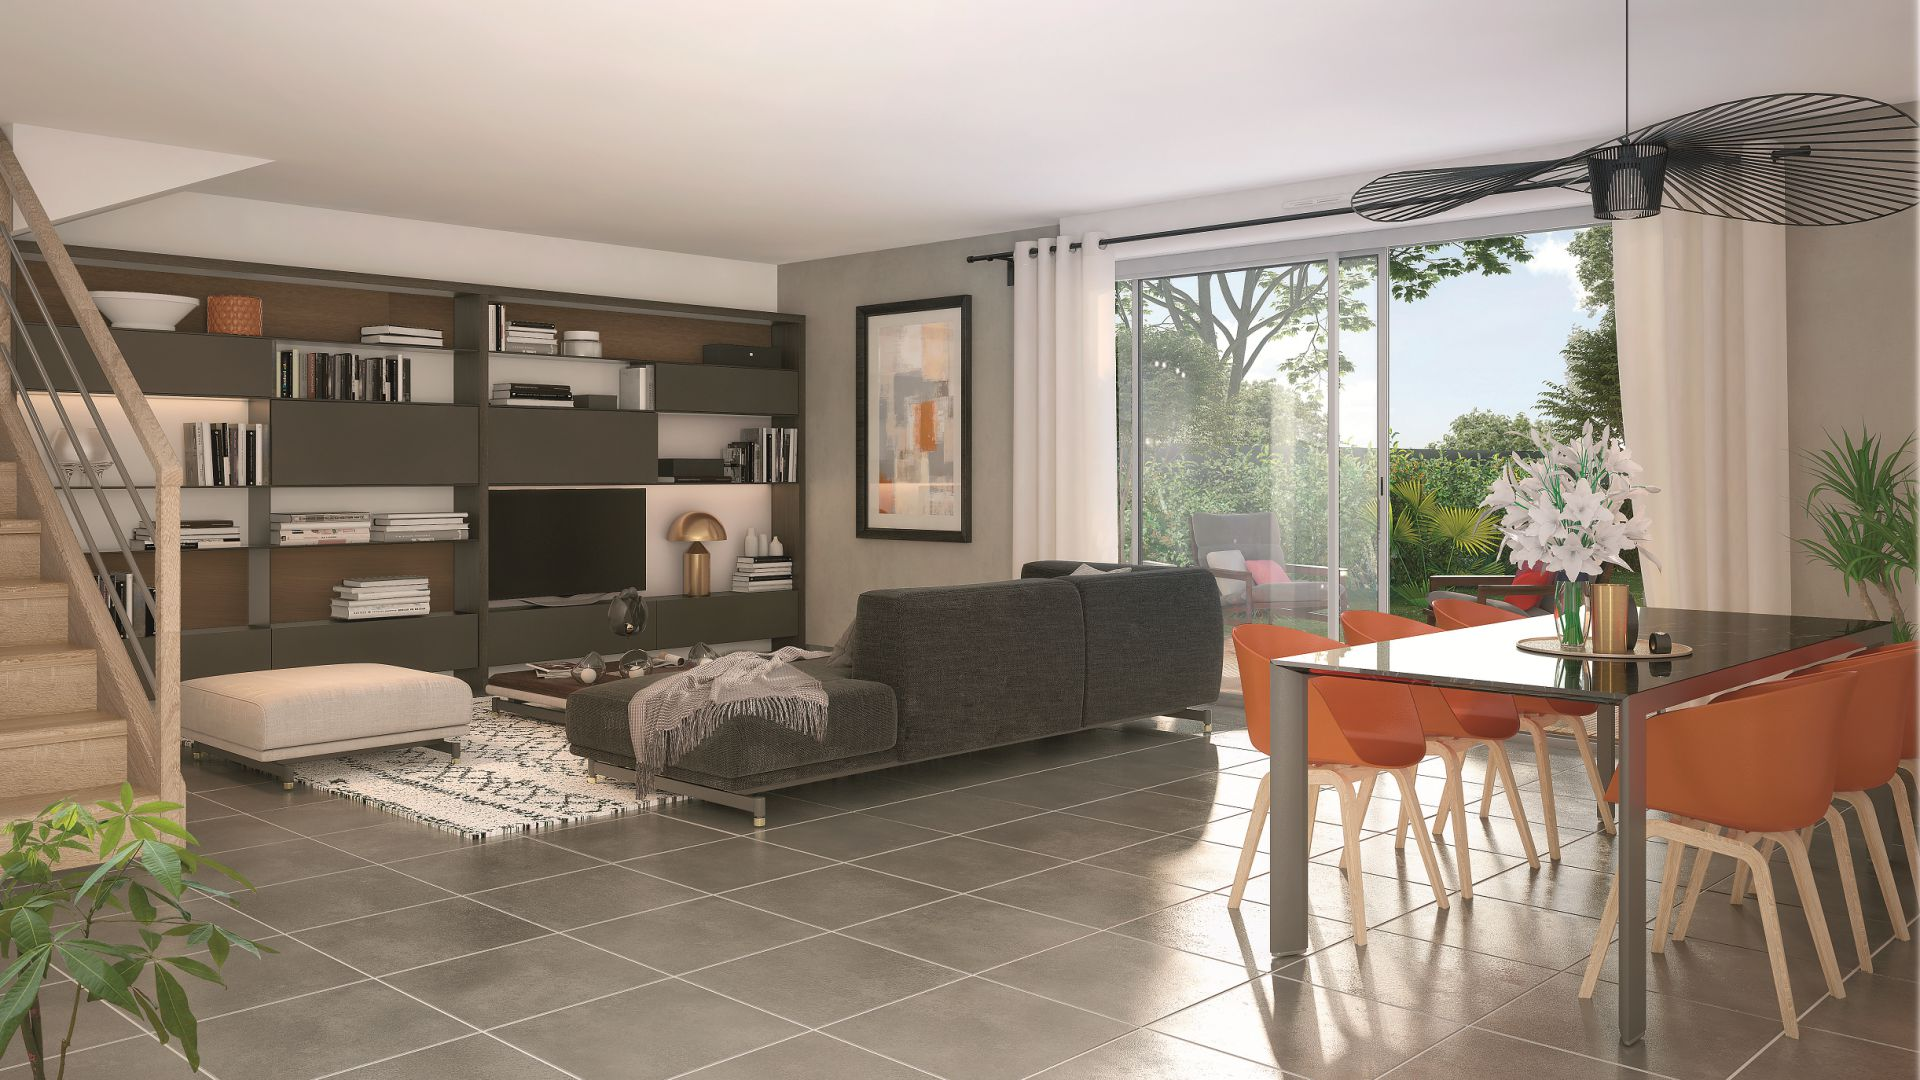 GreenCity immobilier - achat appartements neuf - Boissy saint léger 94470 - Résidence Val des Chênes - vue intérieure